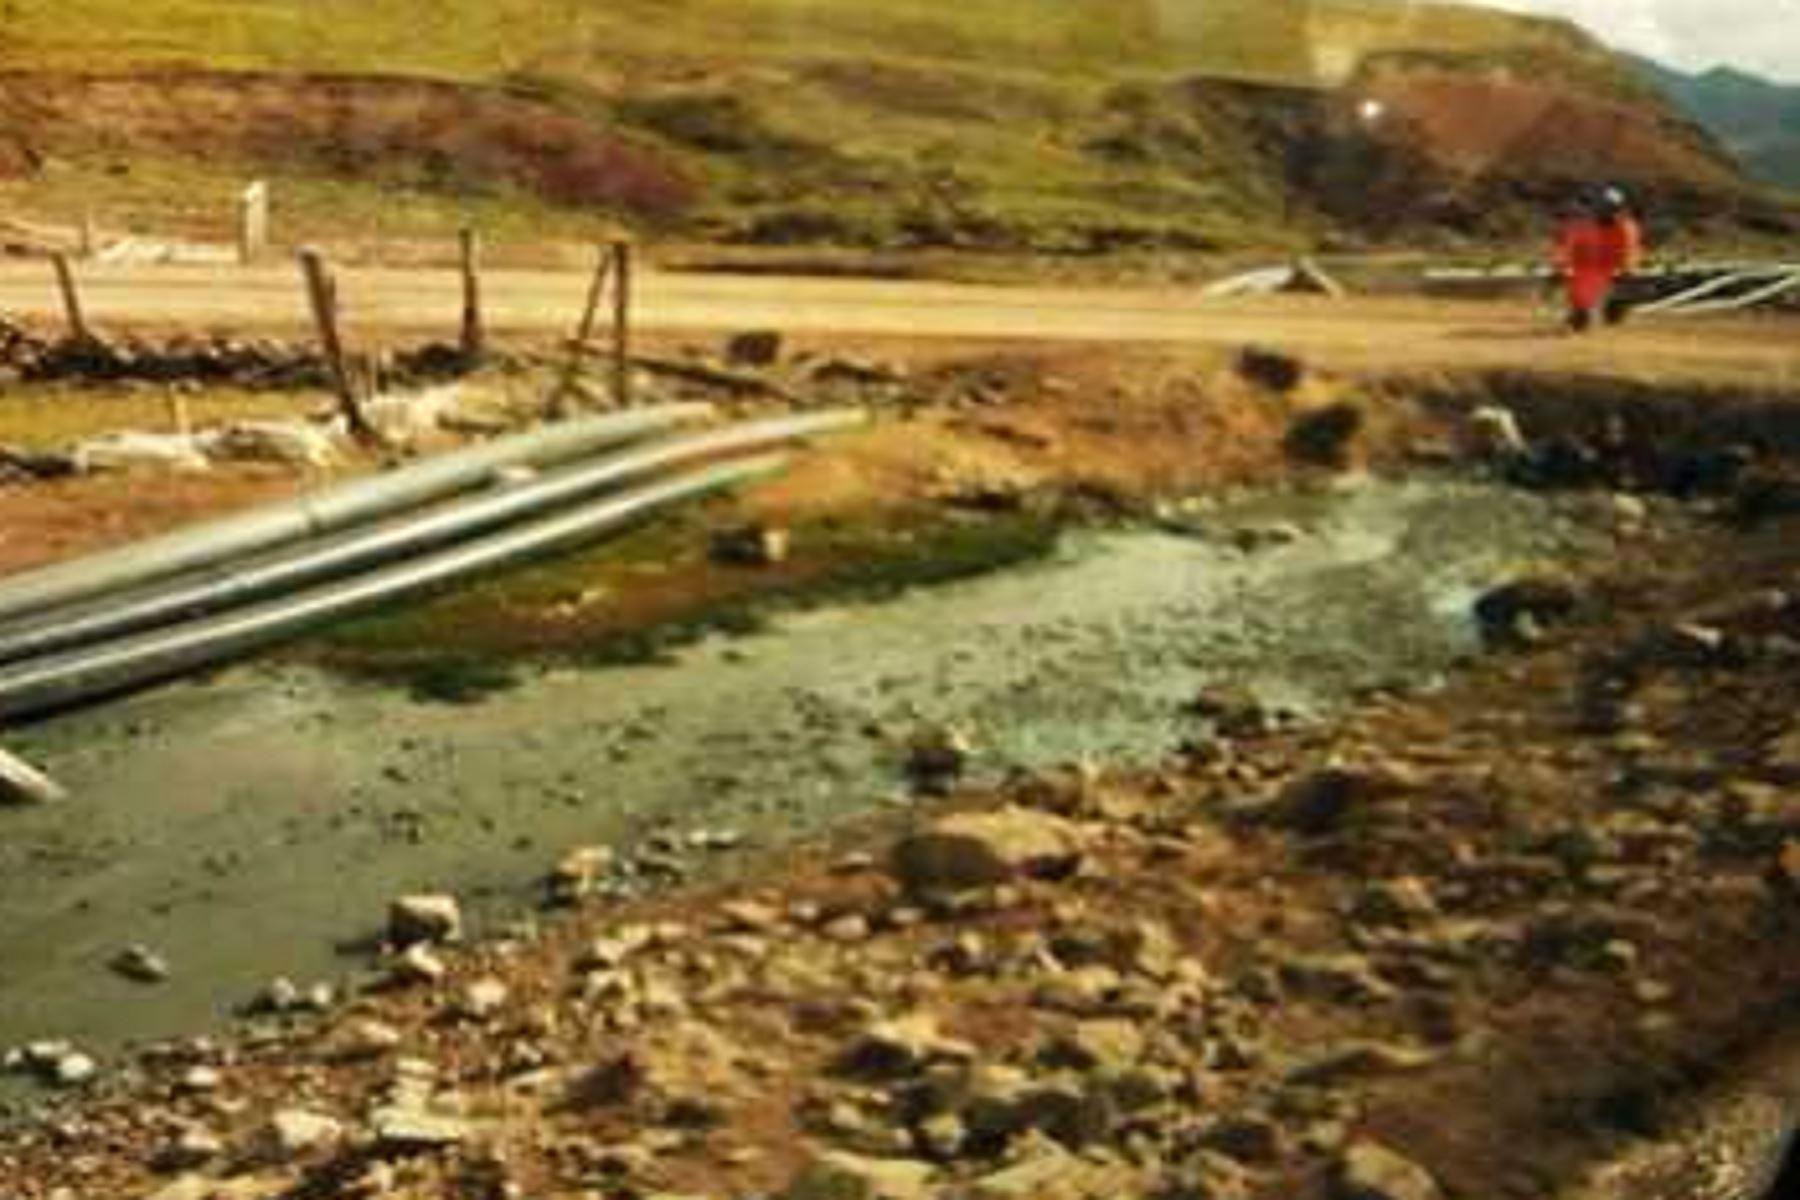 Debido al desborde de relaves mineros de la empresa Pan American SIlver, el afluente por donde pasa el cauce del río San José Negro y varias hectáreas de terrenos pastizales se han visto afectados, denunciaron los comuneros.